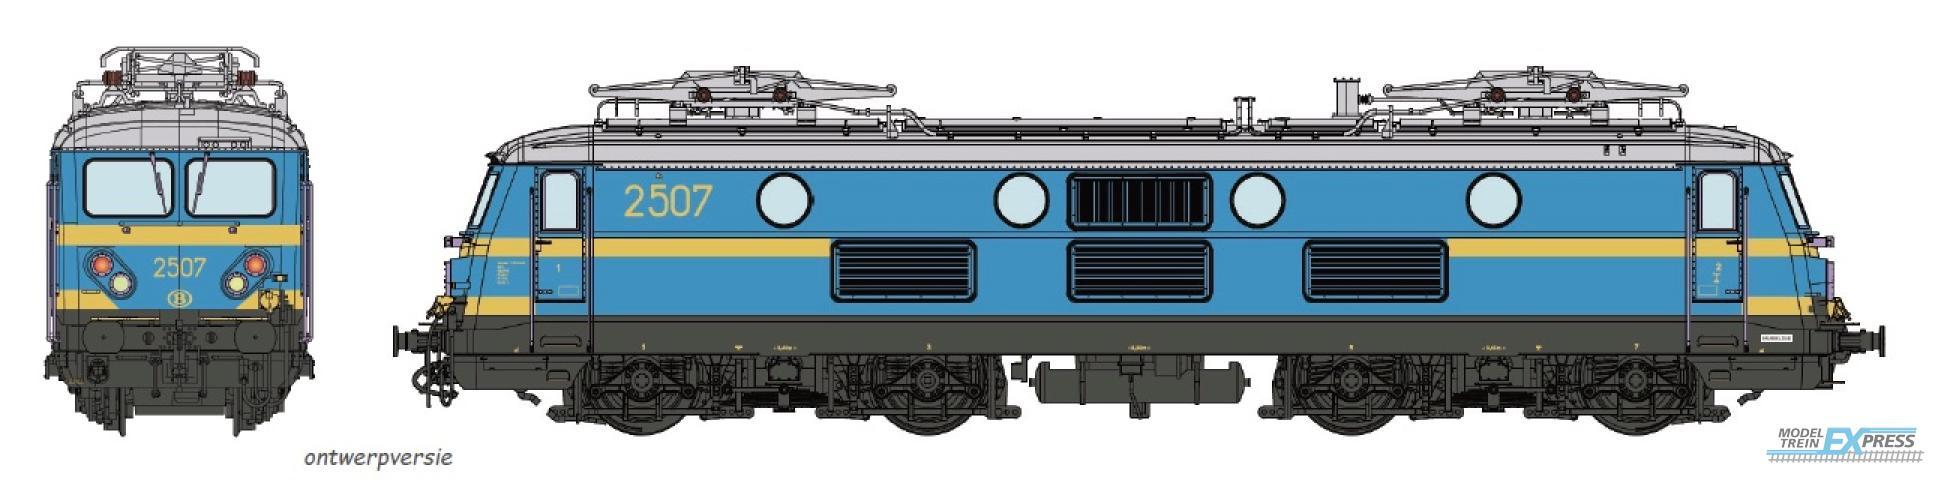 B-Models 3205.05